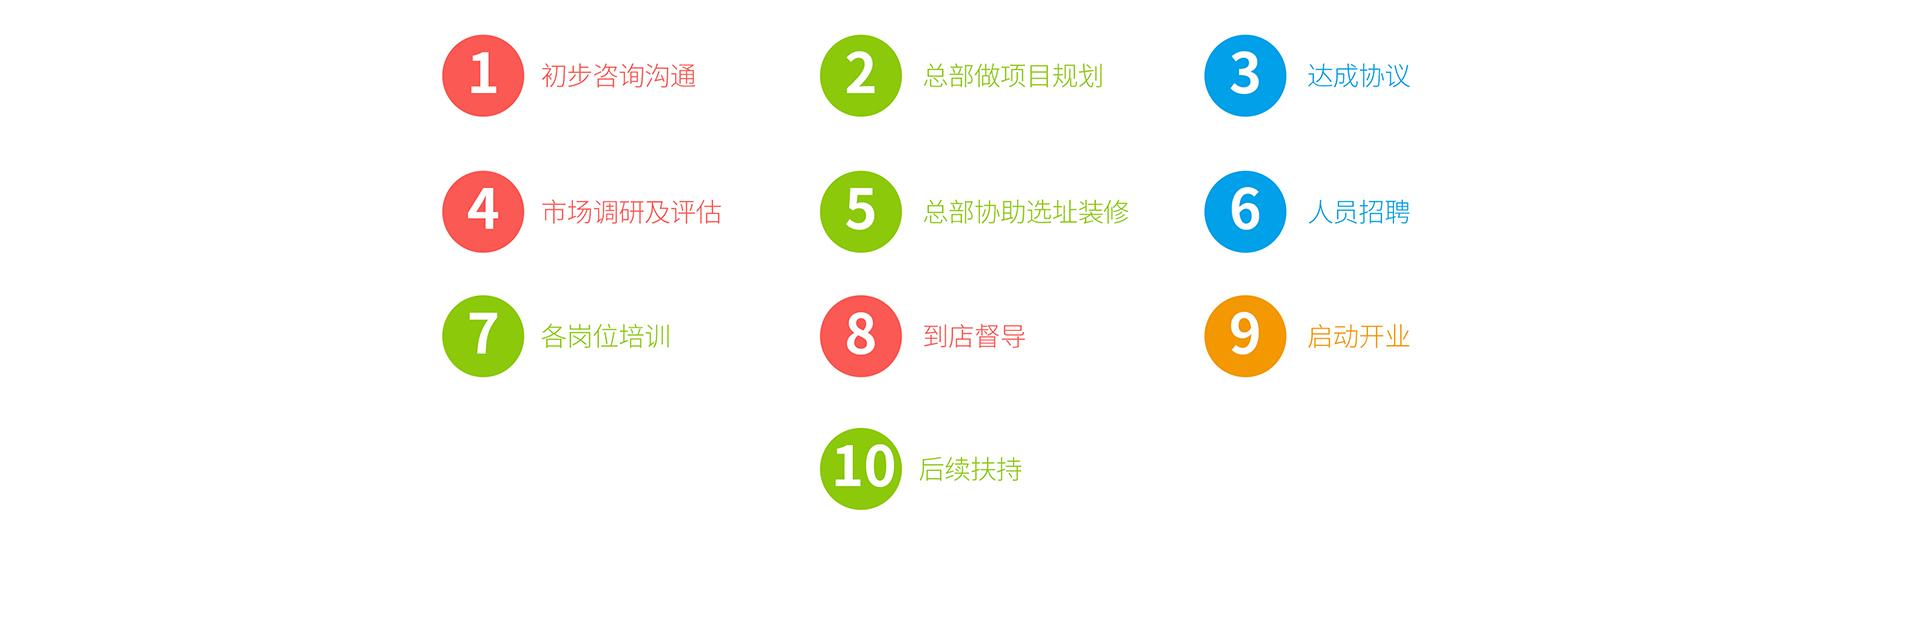 青鸟园丁学习馆qnyd_29